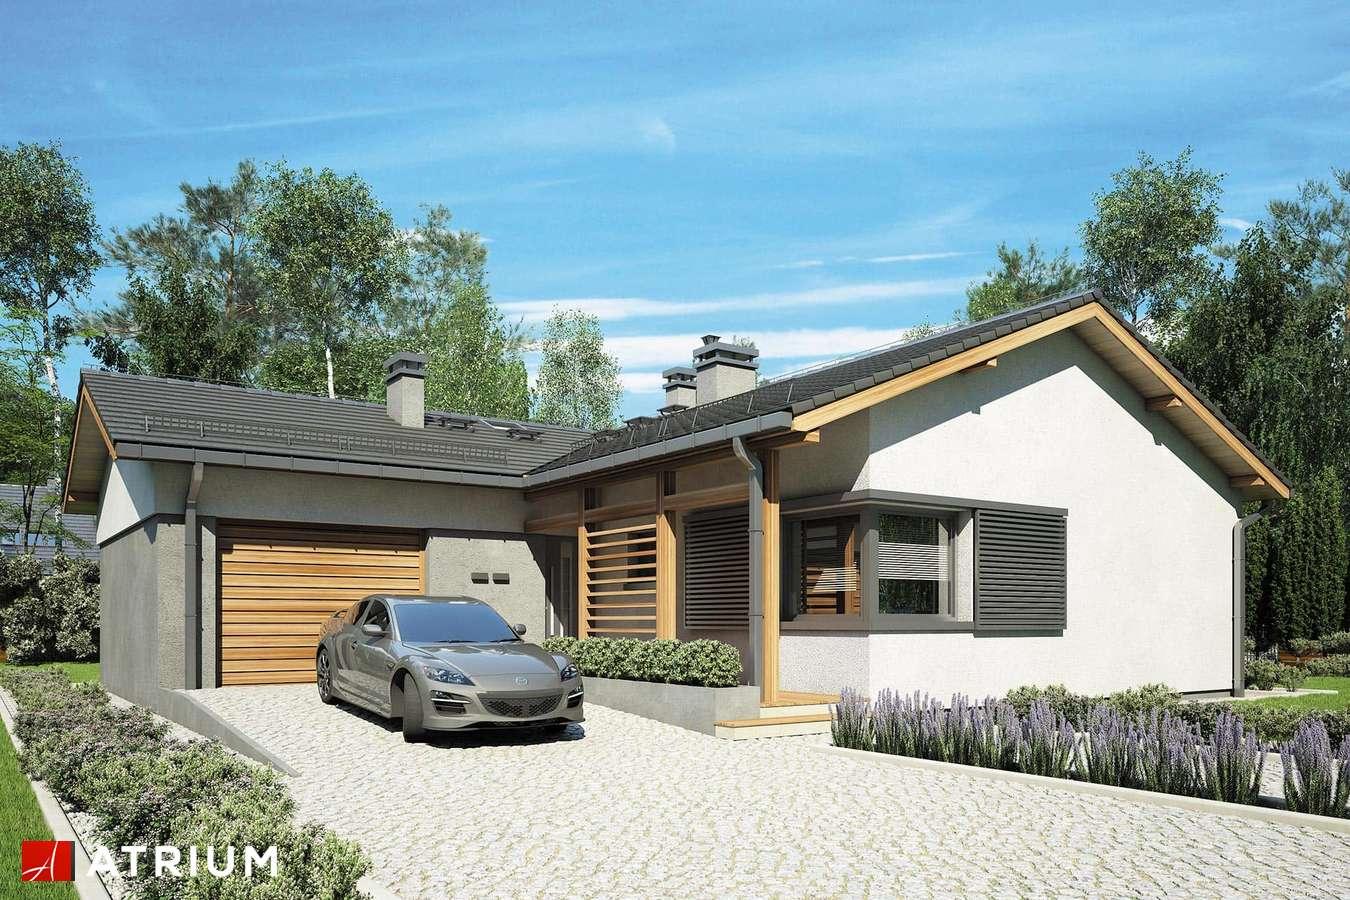 Projekty domów - Projekt domu parterowego KOLIBER SZ - wizualizacja 1